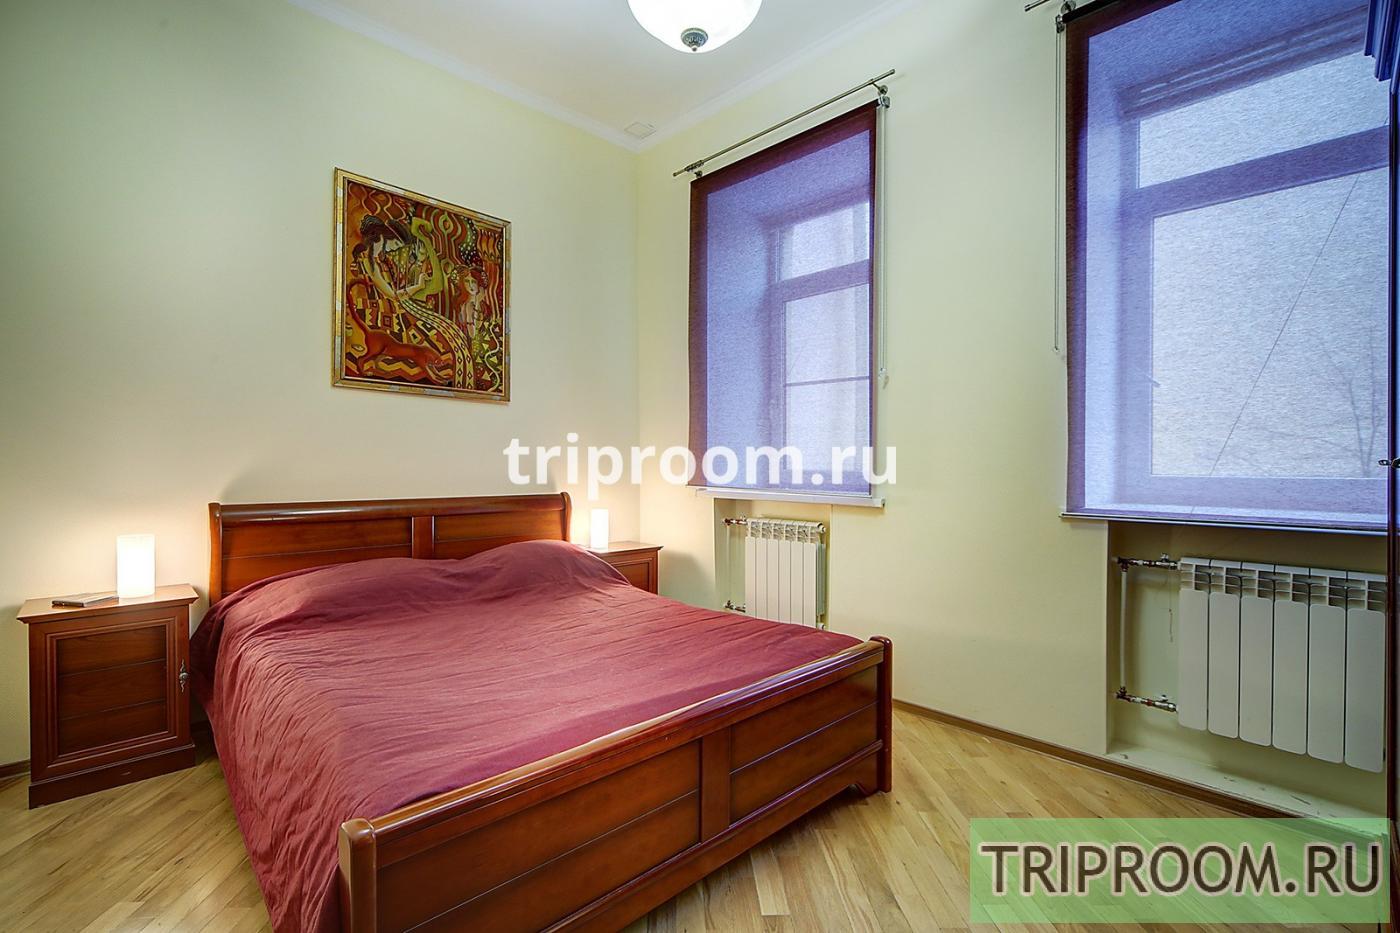 2-комнатная квартира посуточно (вариант № 15116), ул. Большая Конюшенная улица, фото № 10